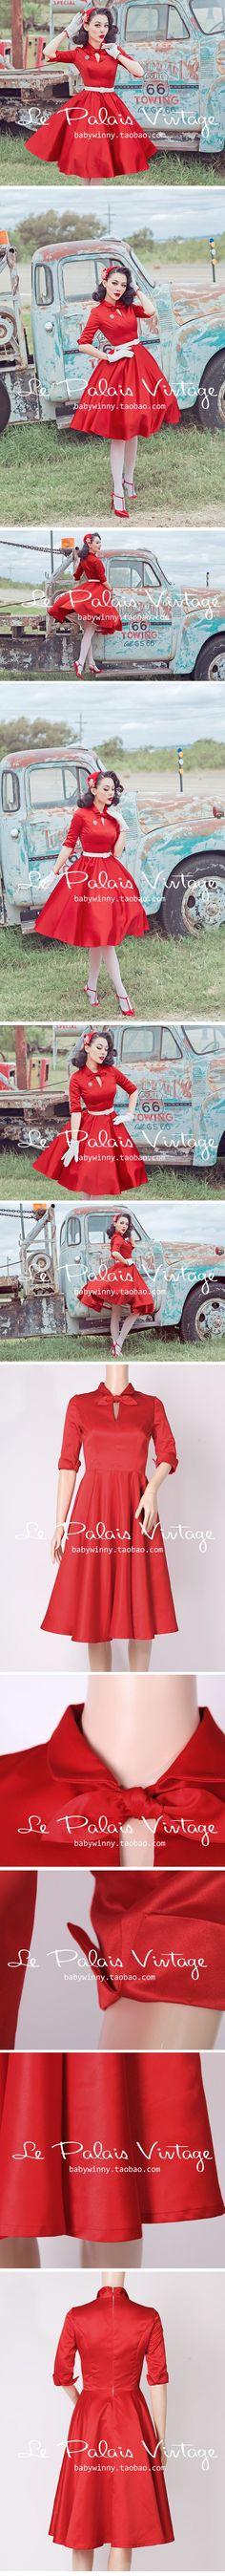 le palais vintage限量复古红色领结修身50年代蓬蓬裙 0.7-淘宝网全球站